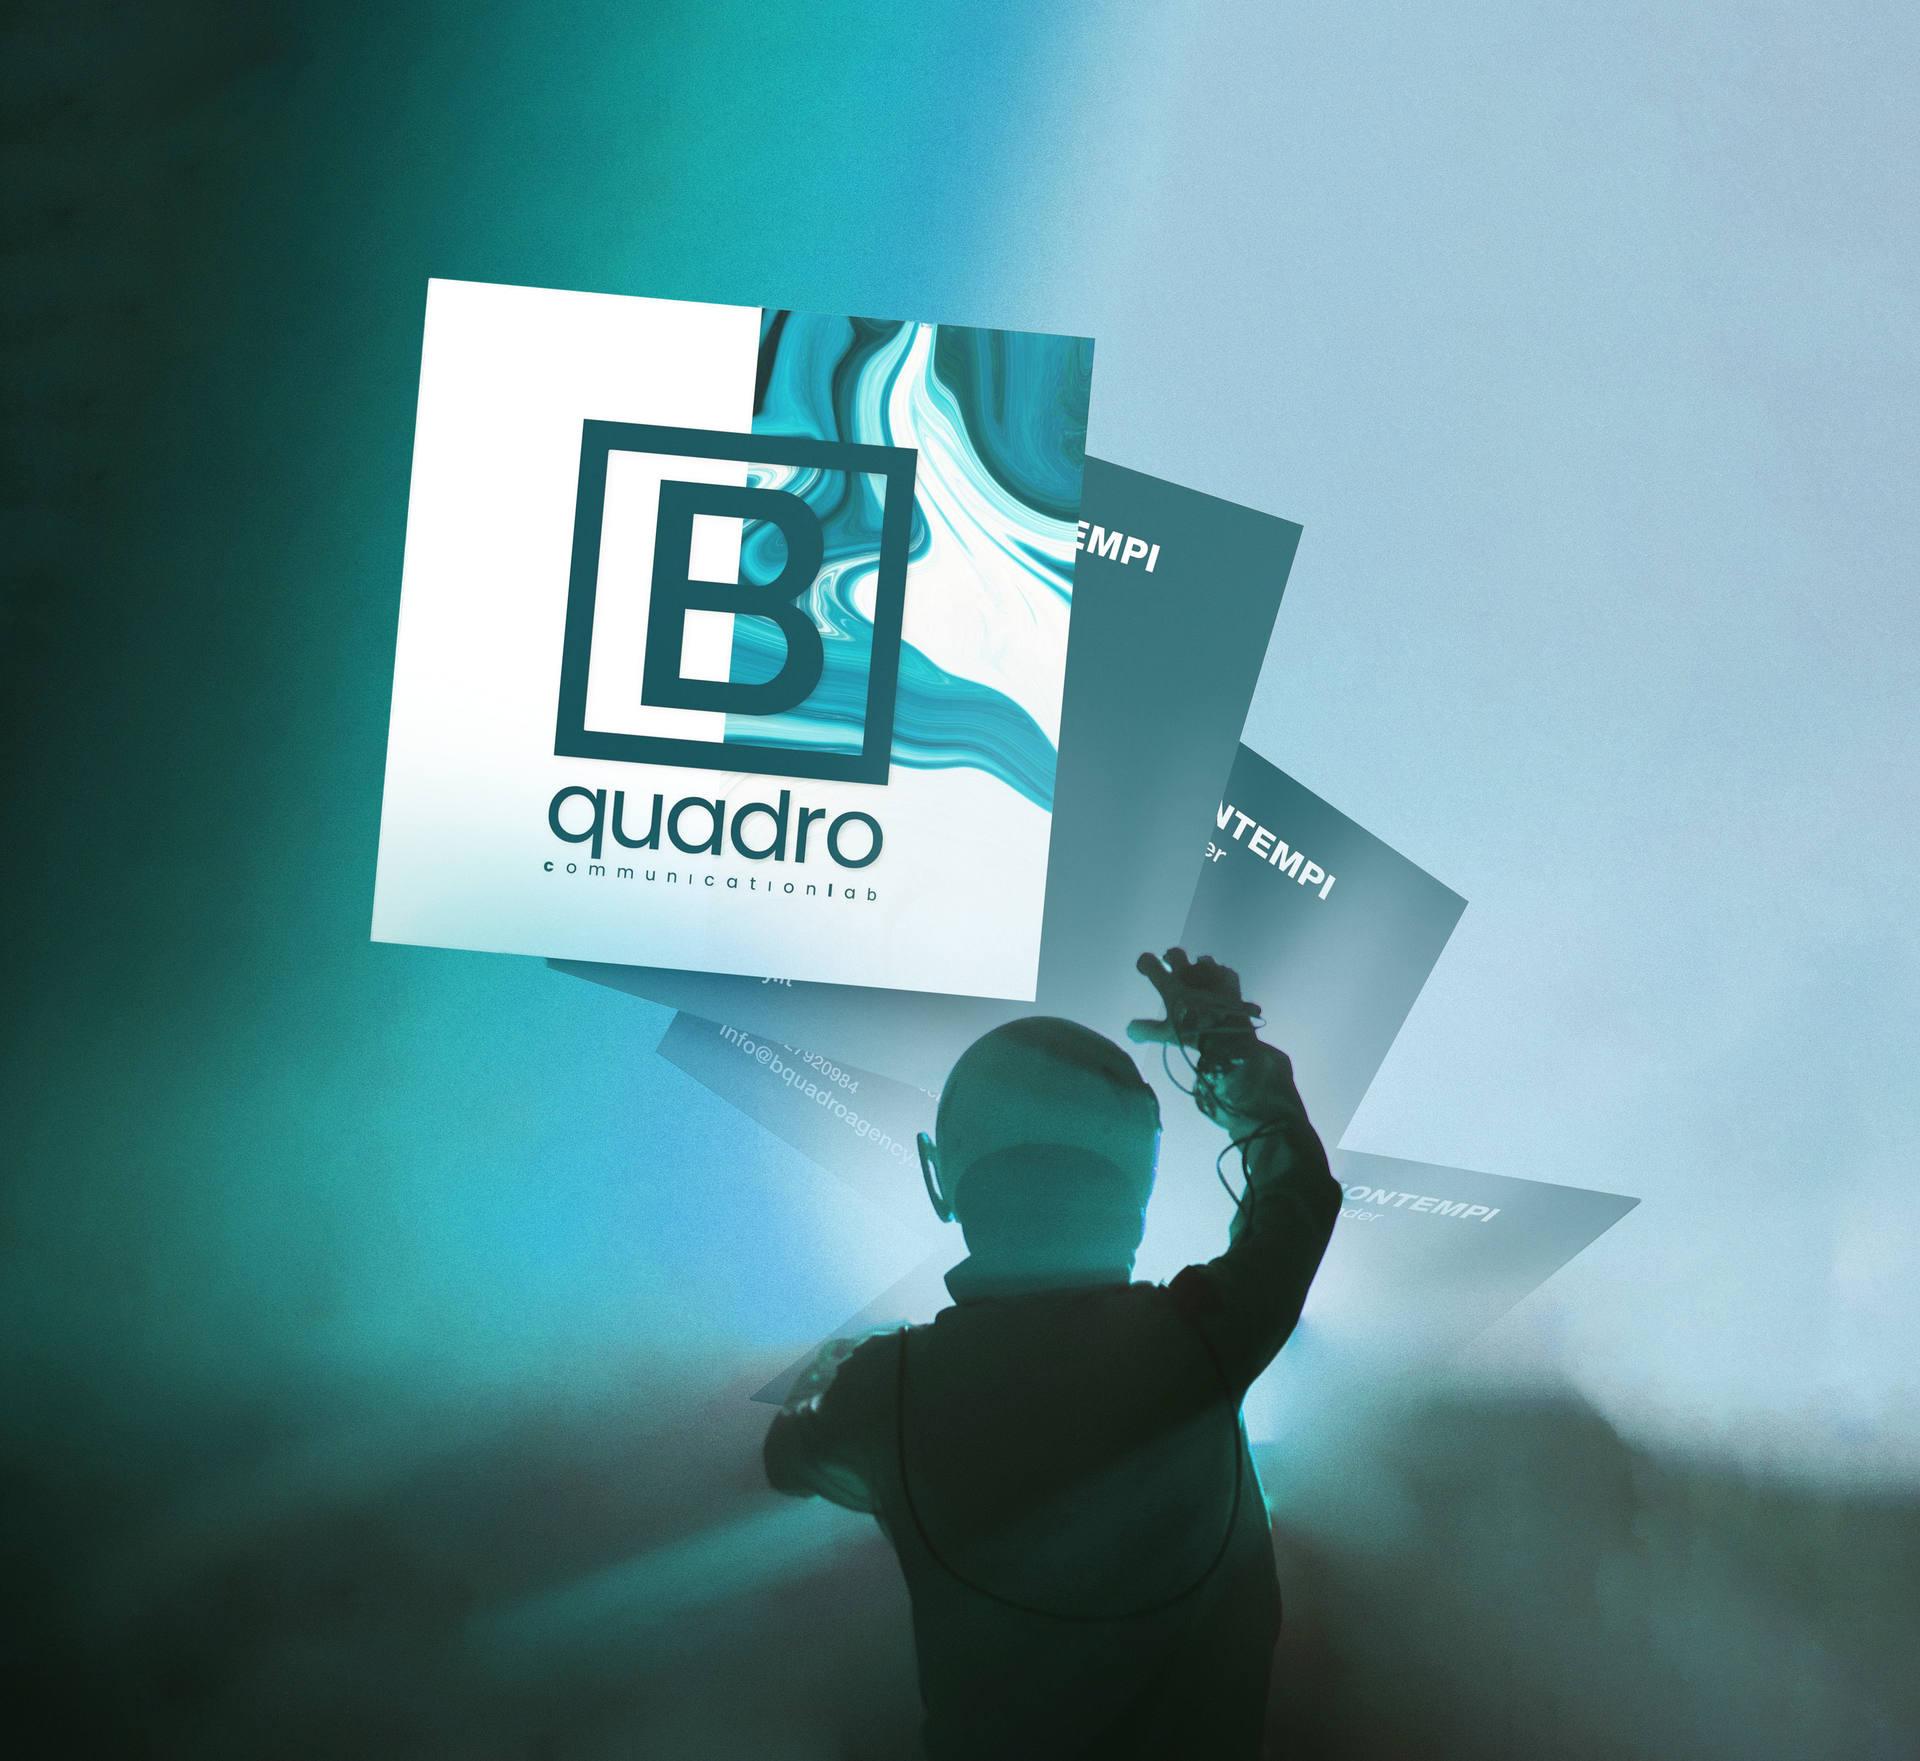 brand-identity-e-studio-immagine-coordinata-per-aziende-by-bquadro-agency-agenzia-di-comunicazione-e-marketing-brescia